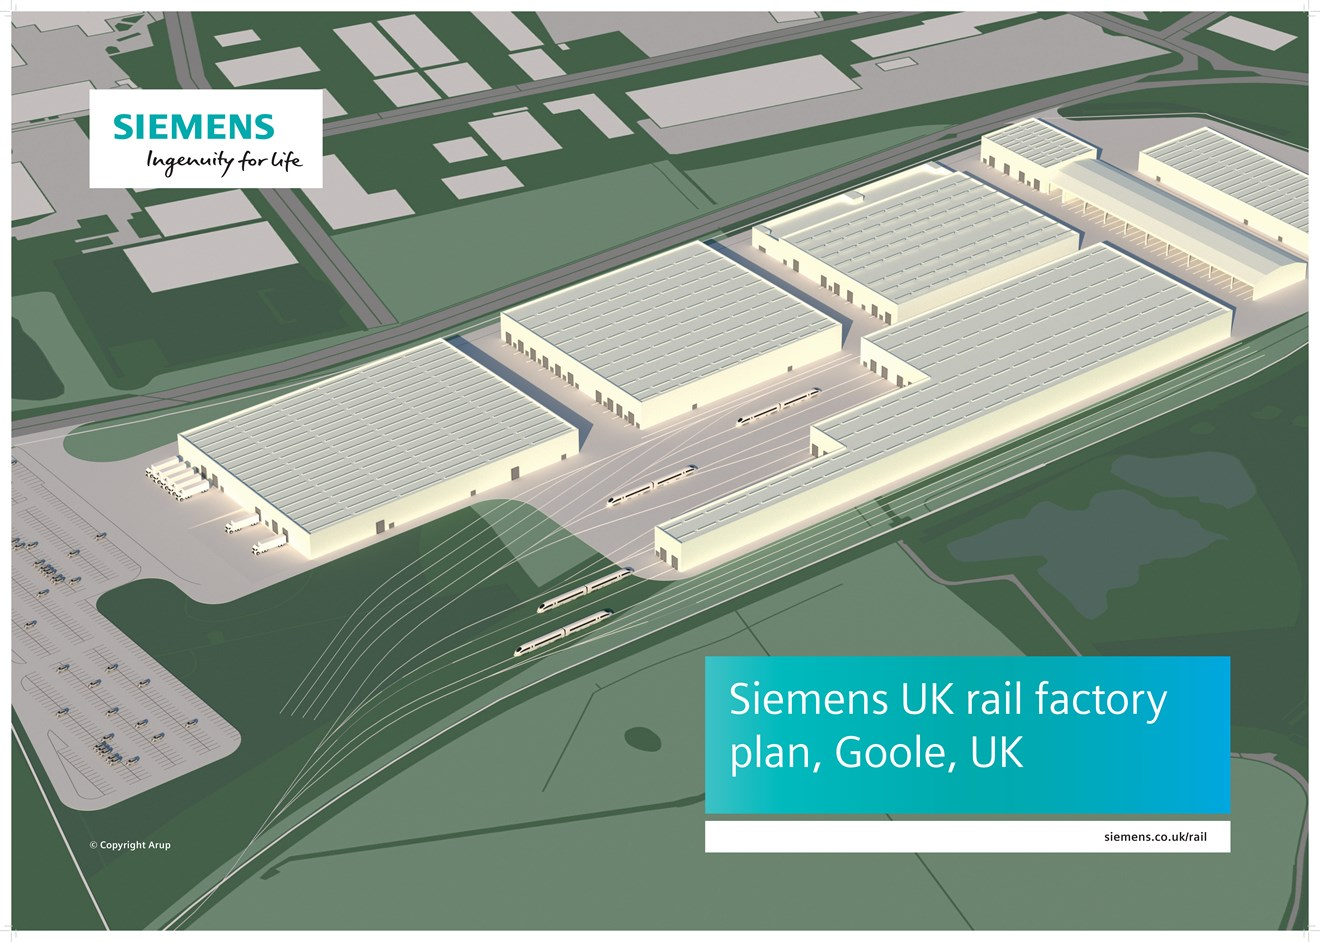 Siemens plans new rail factory in Goole, UK: Siemens plans new rail factory in Goole UK